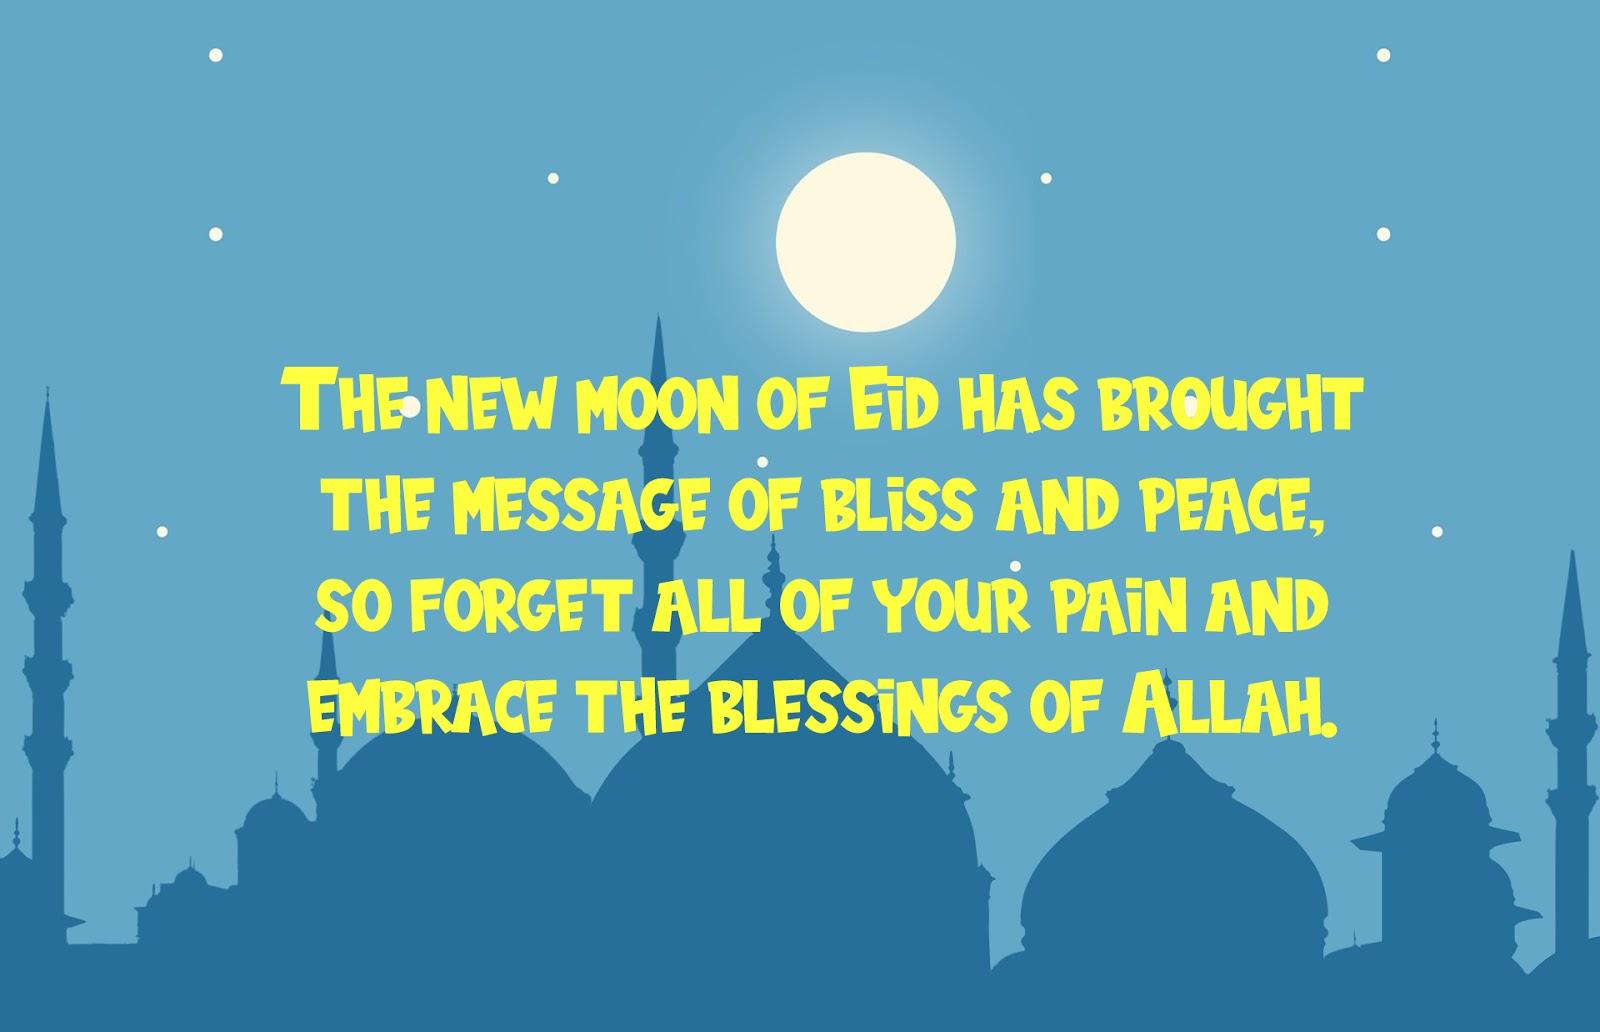 Happy Eid Mubarak in advance